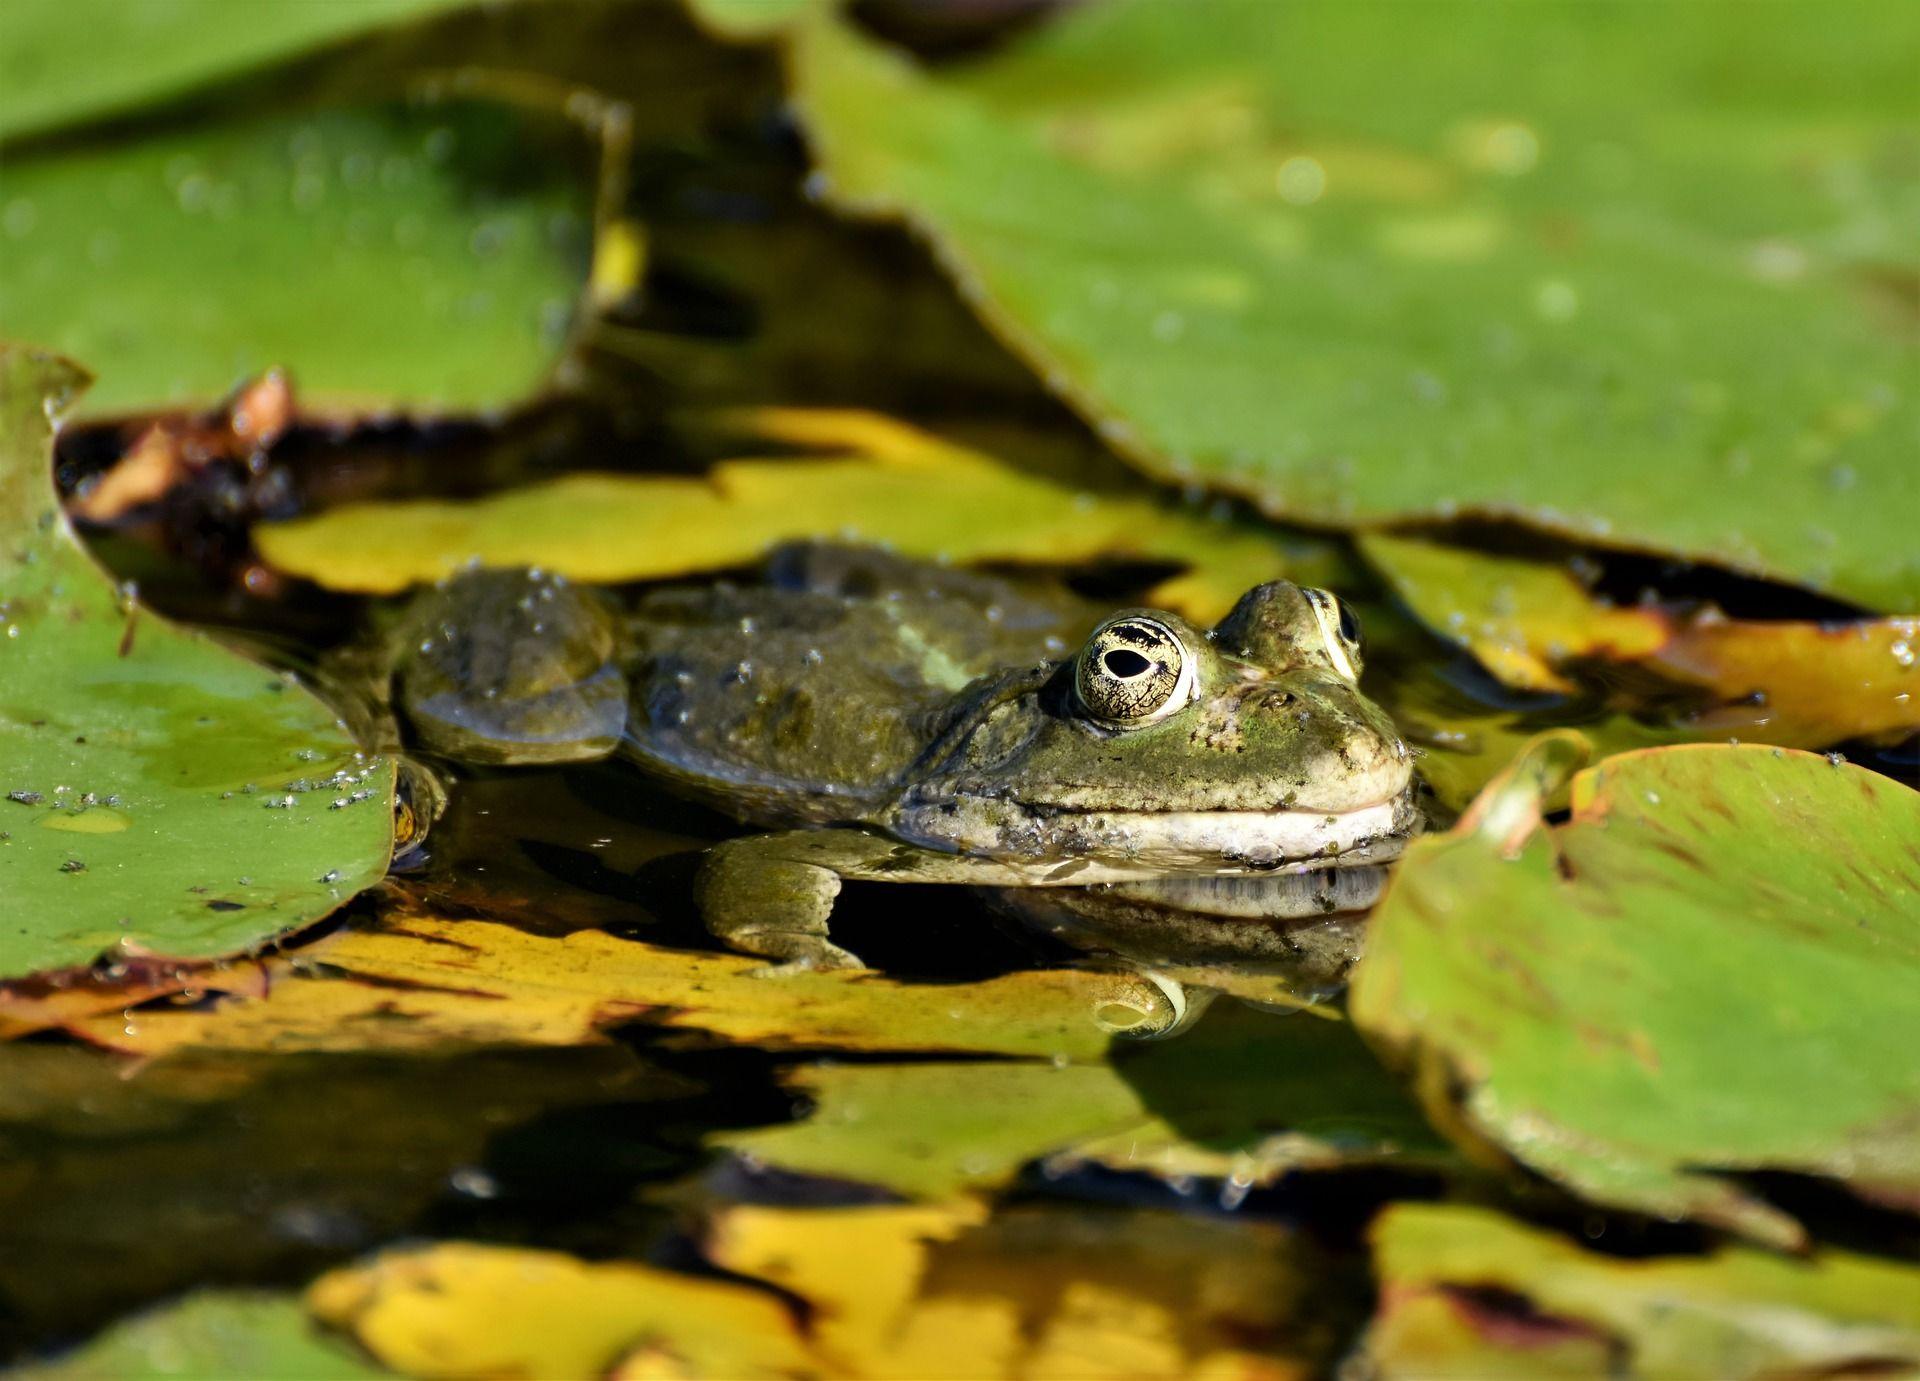 Скачать бесплатно фото красивой жабы на природе